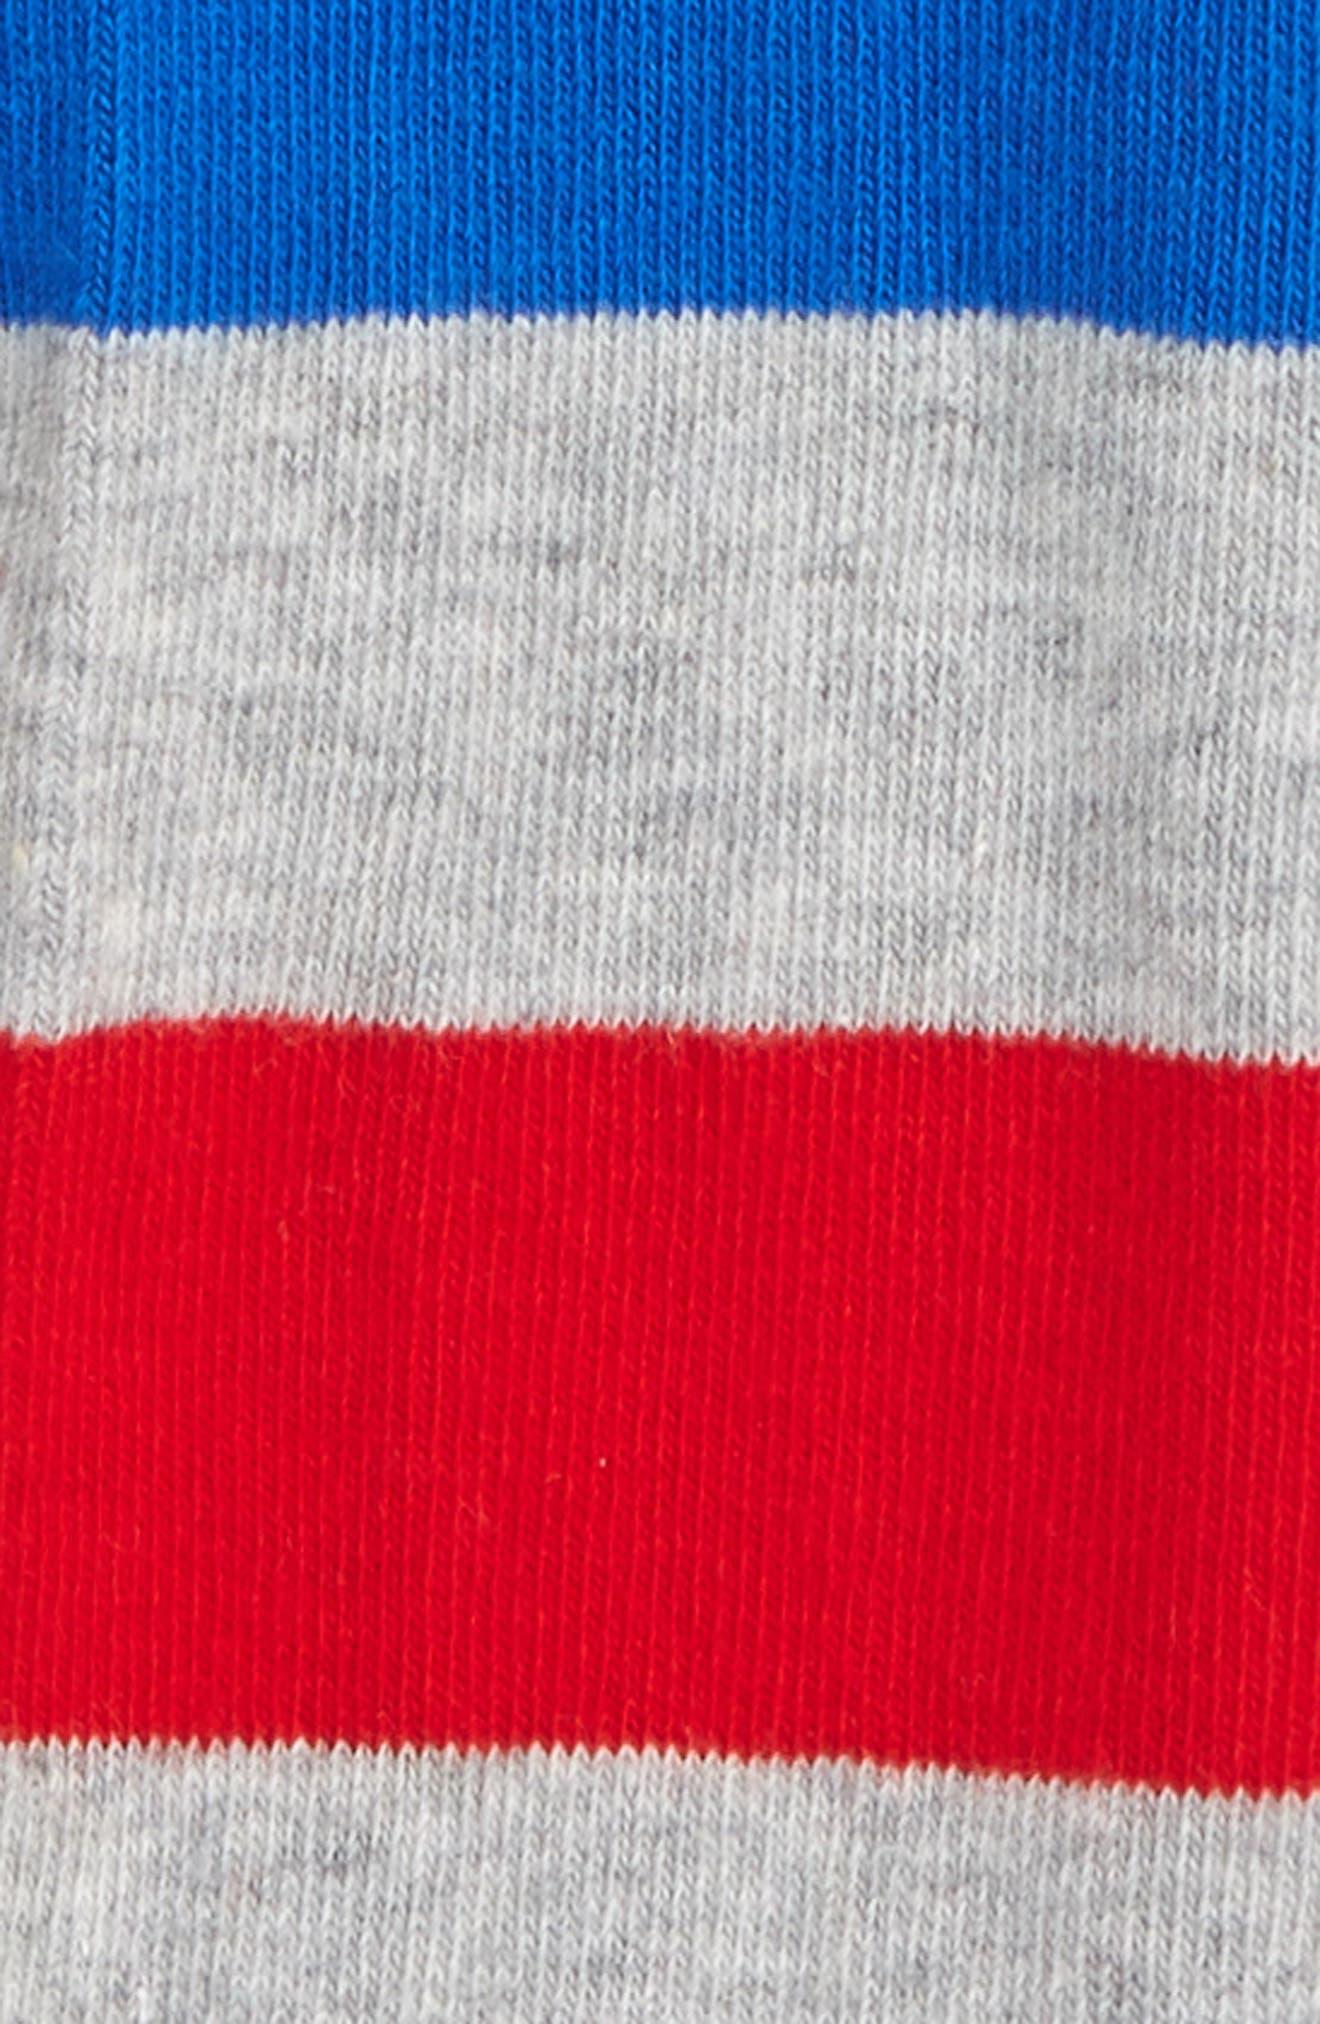 Giraffe Leggings,                             Alternate thumbnail 3, color,                             Green / Grey Marl / Blue / Red